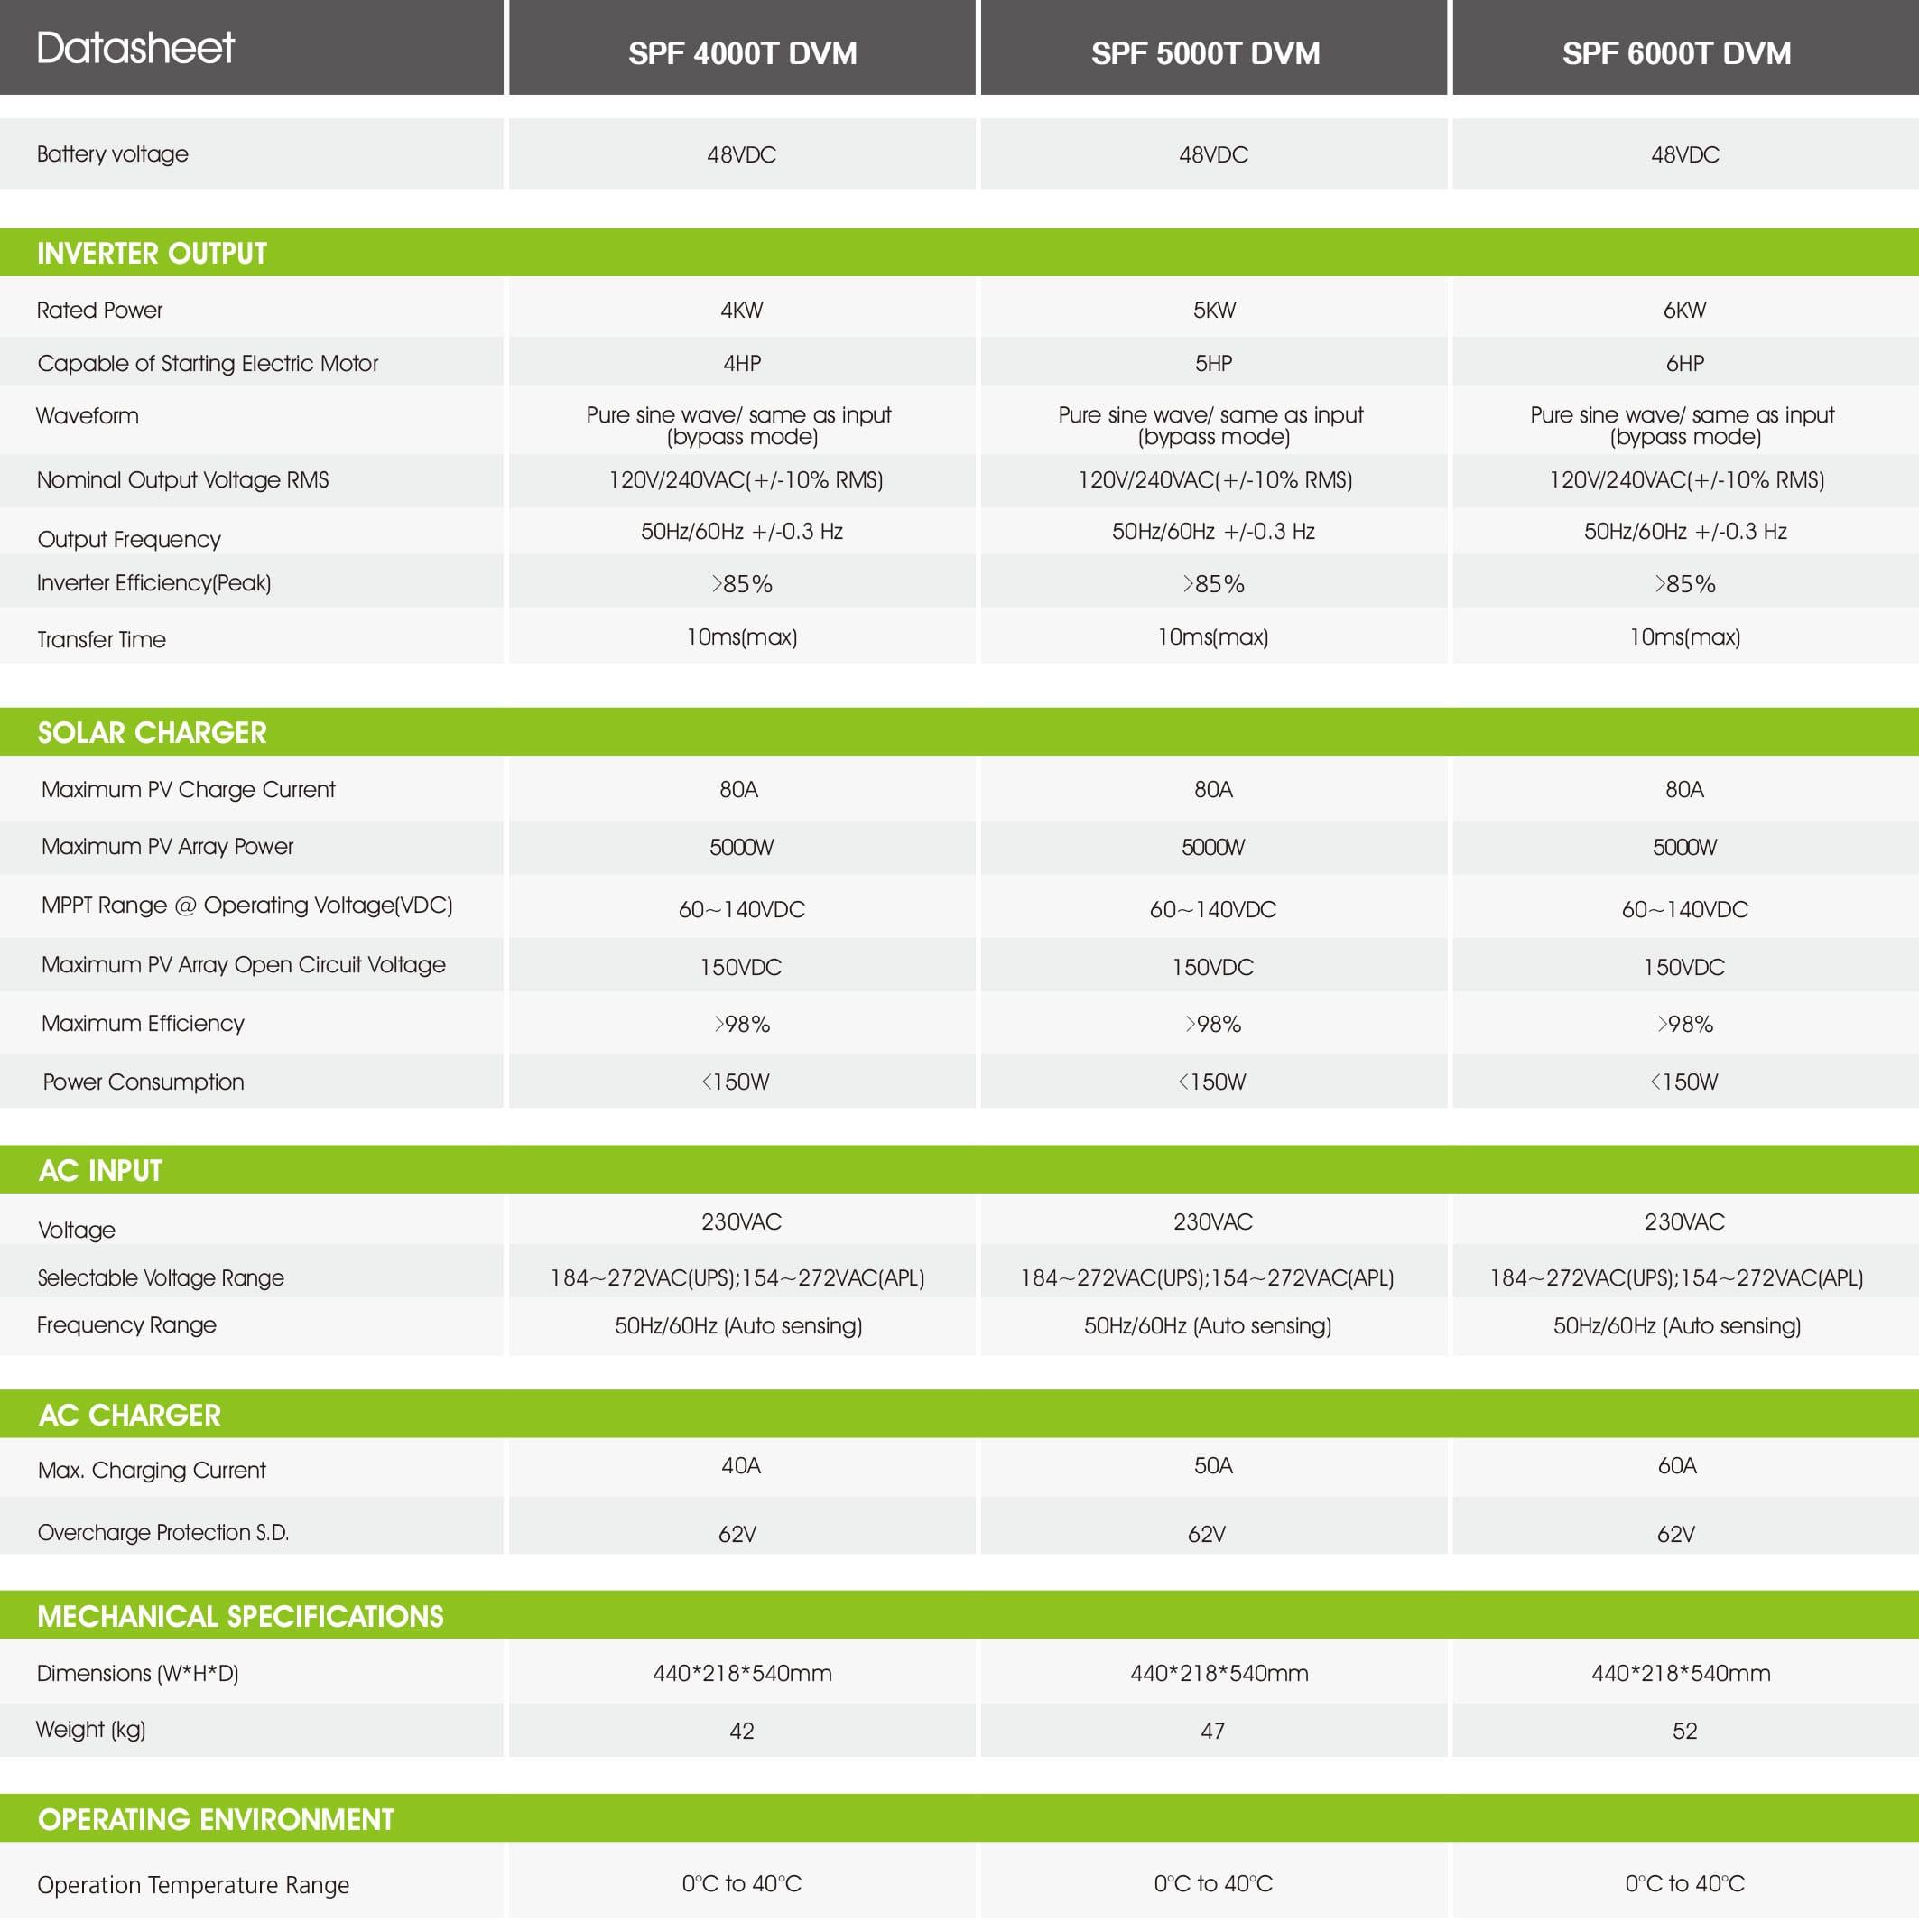 Growatt Spf 4000-6000T Dvm PDF | Sernolux.com